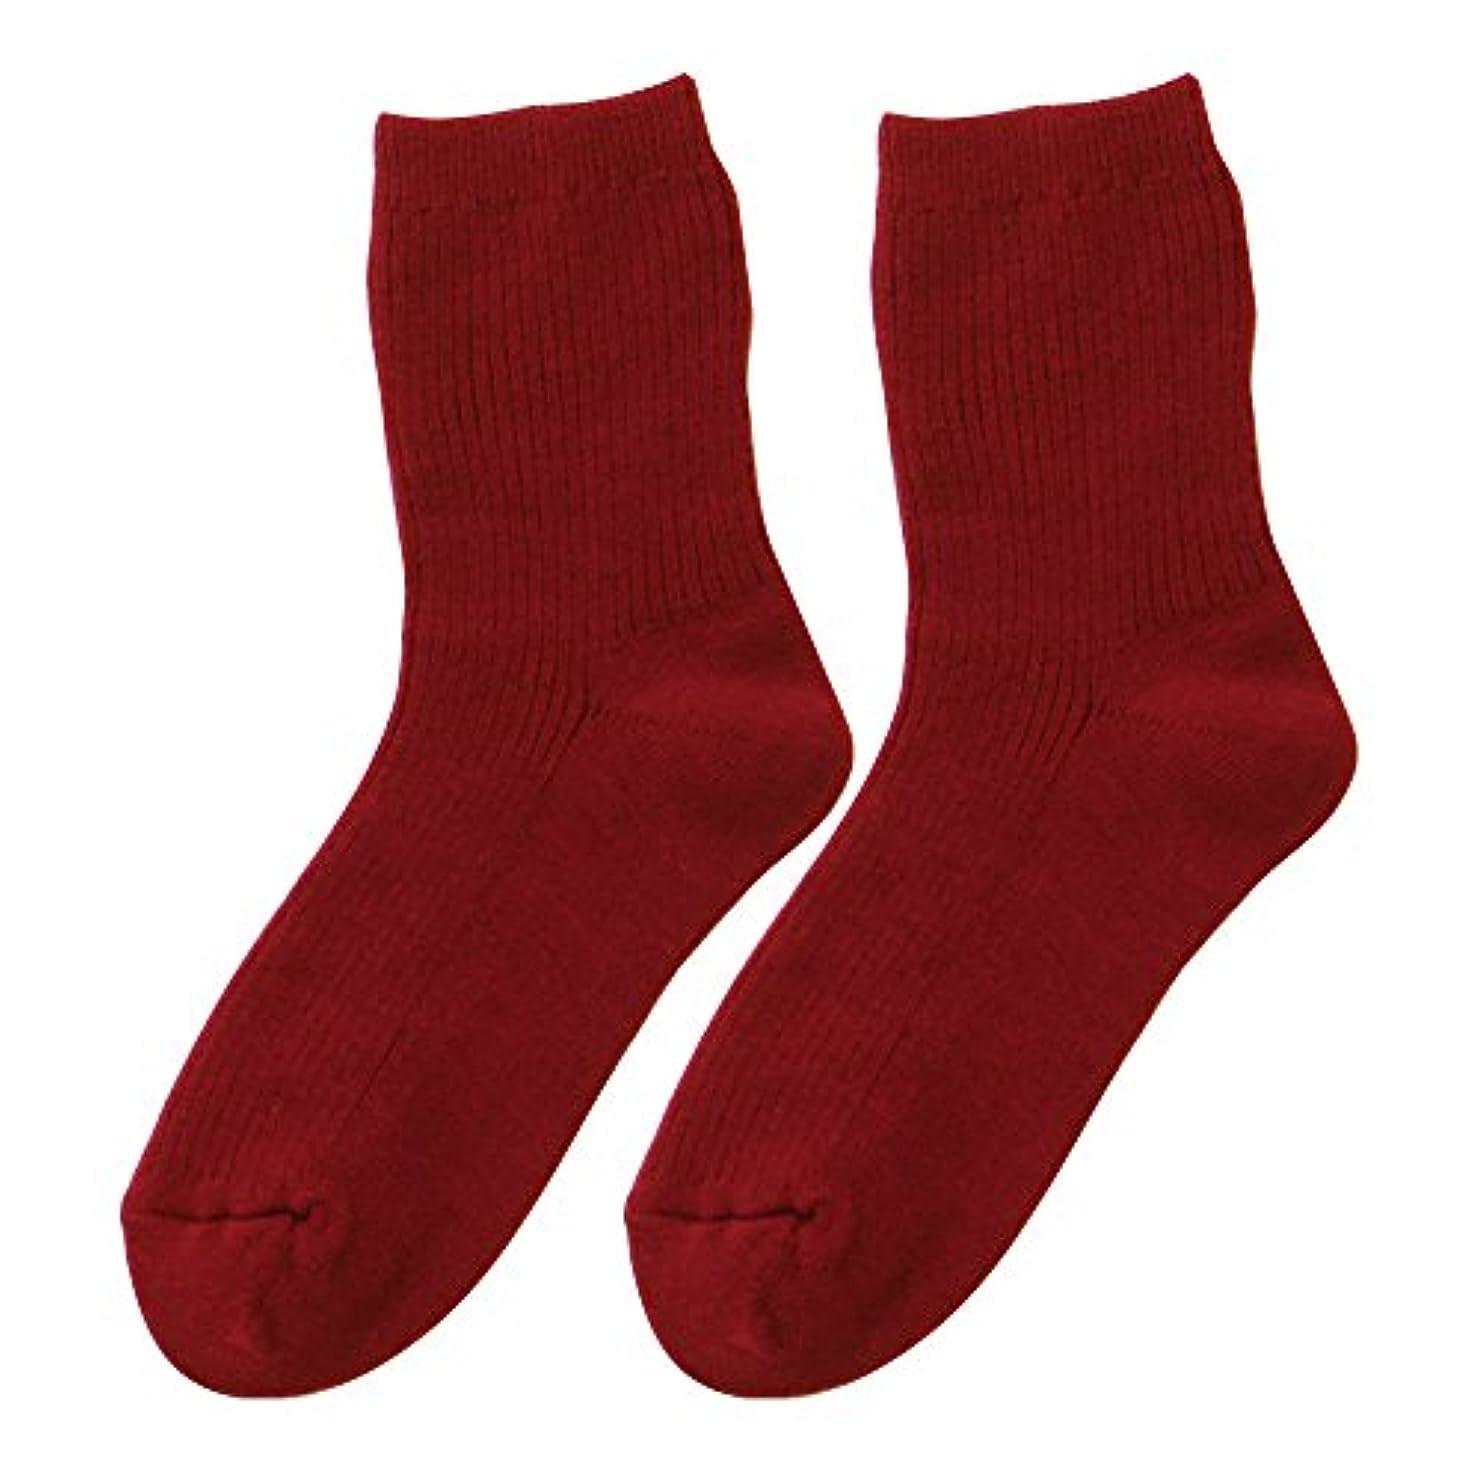 曖昧な持っているシフトひだまり ダブルソックス 婦人用 靴下[22~24cm] エンジ